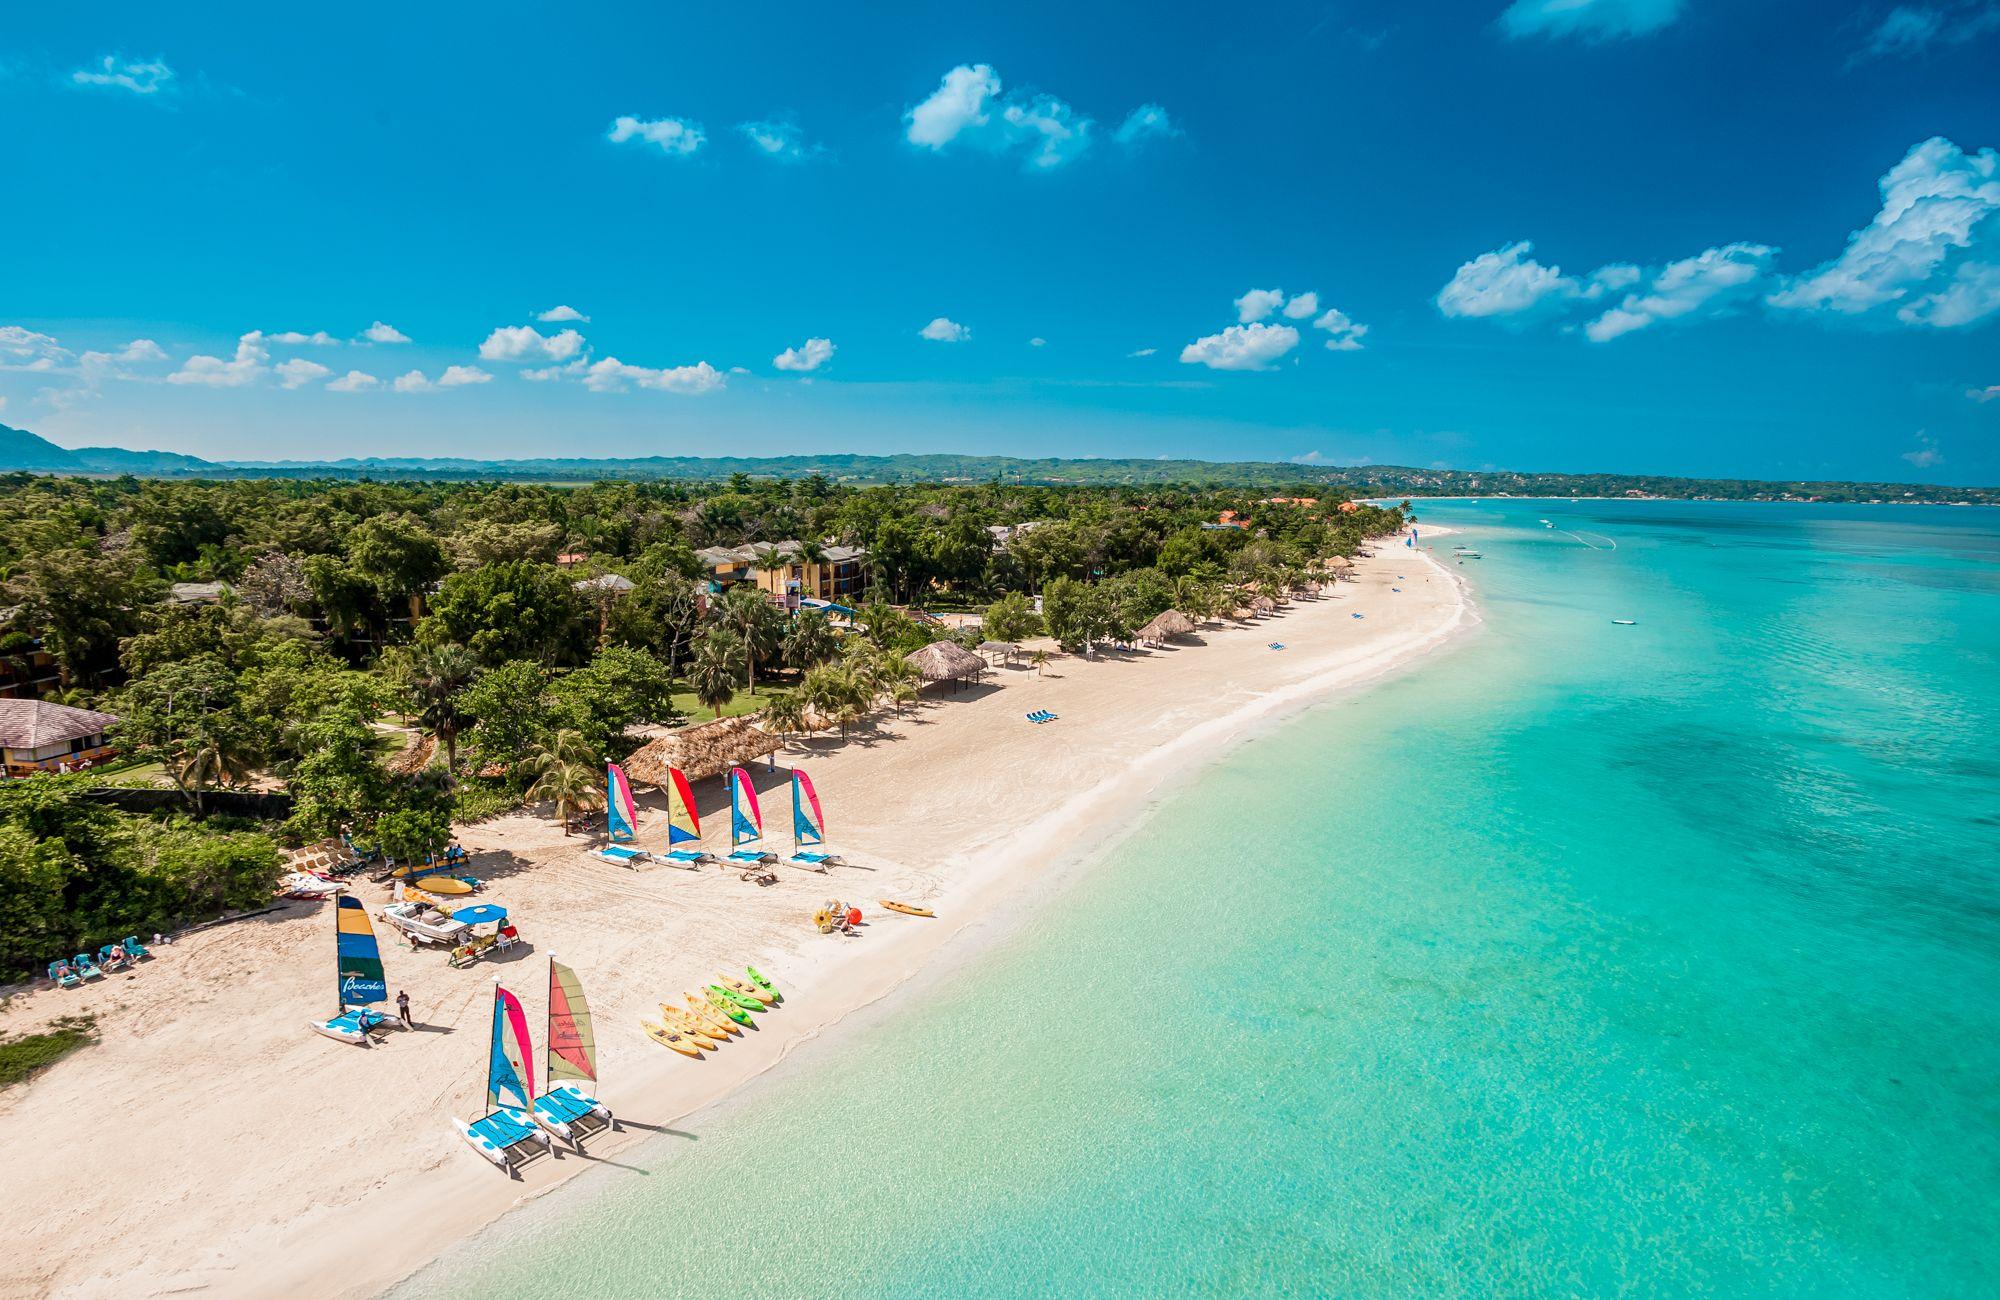 Beaches Negril Seven Mile Beach Aerial